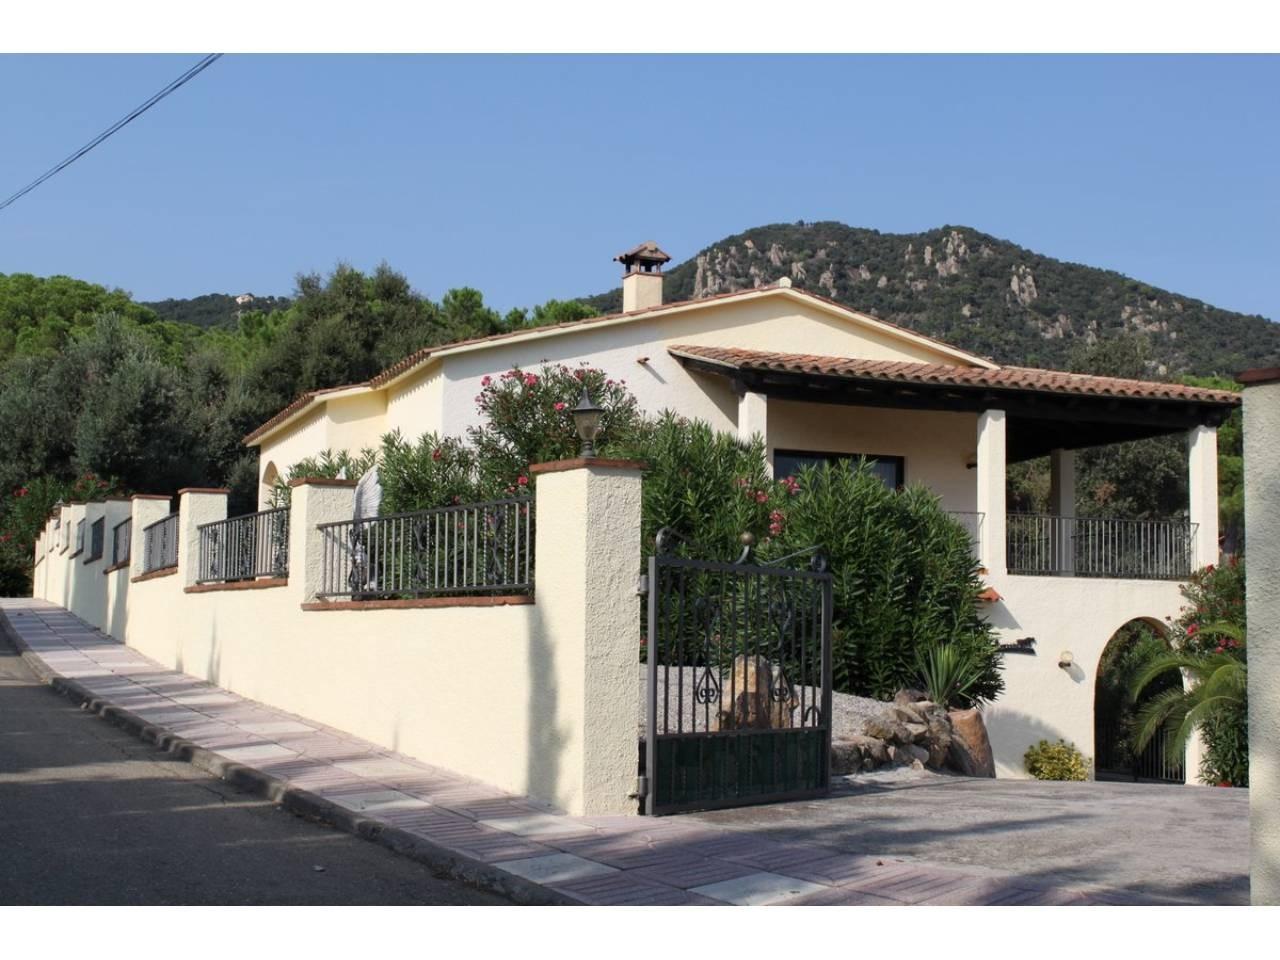 Casa amb piscina a la urb. Roca de Malvet. - 3196